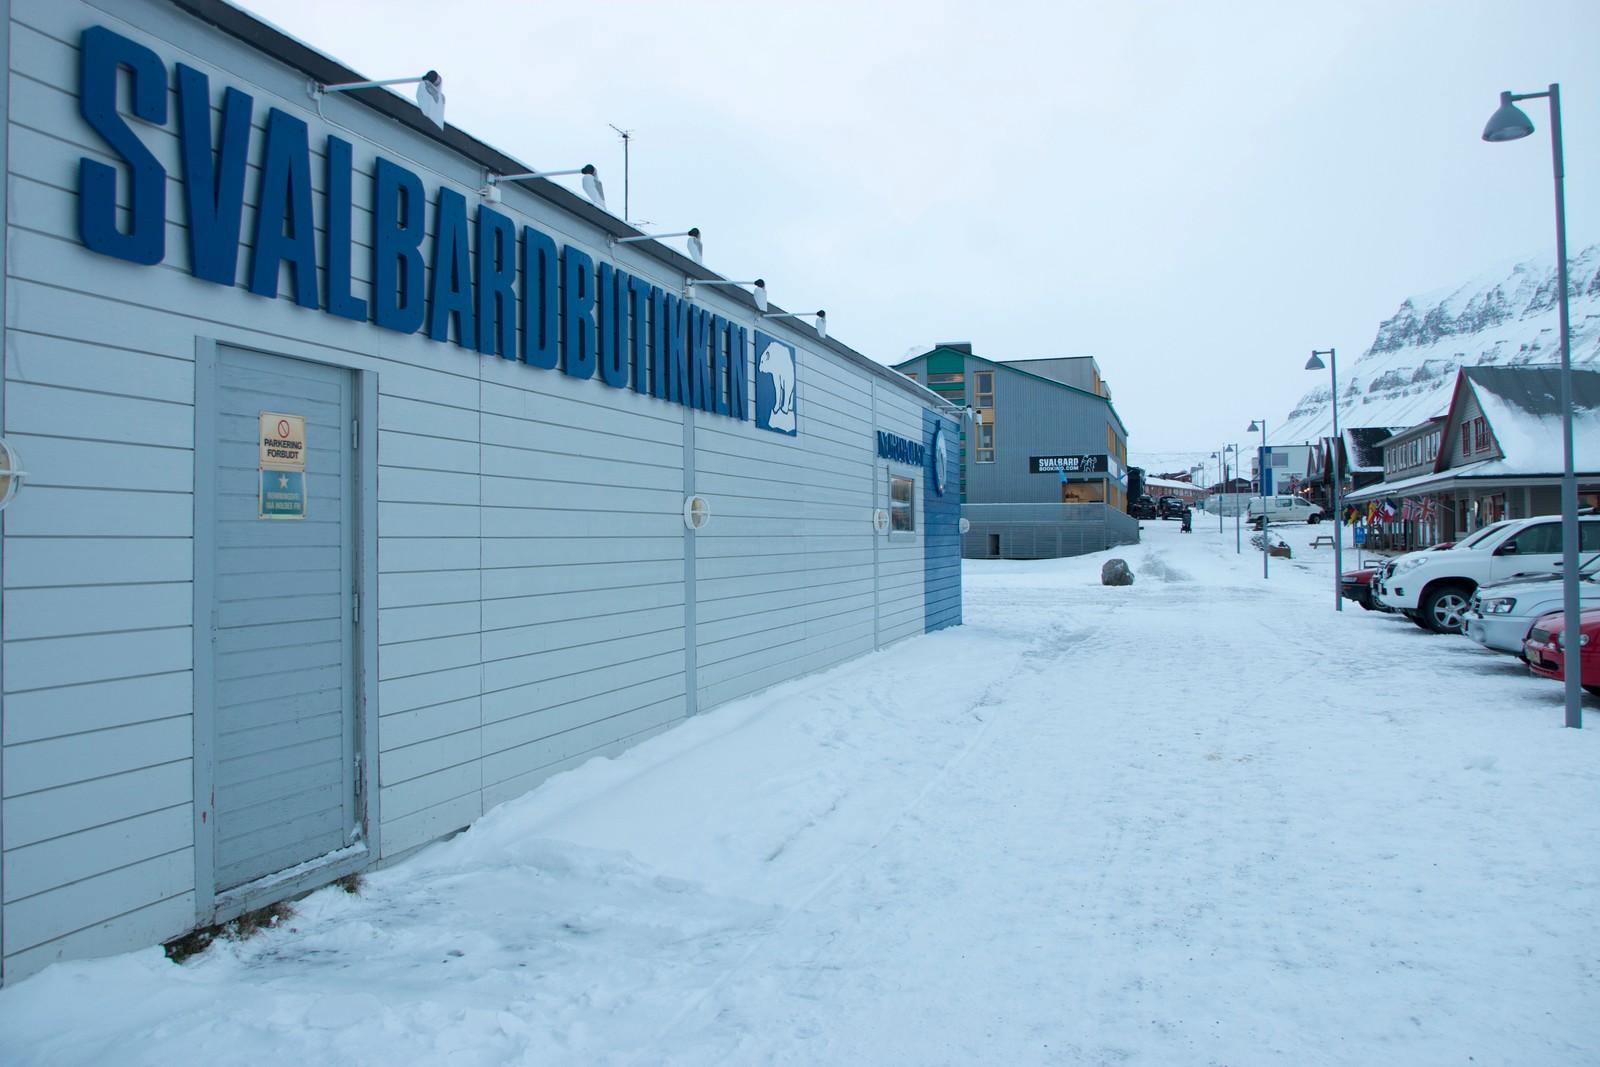 Svalbardbutikken.